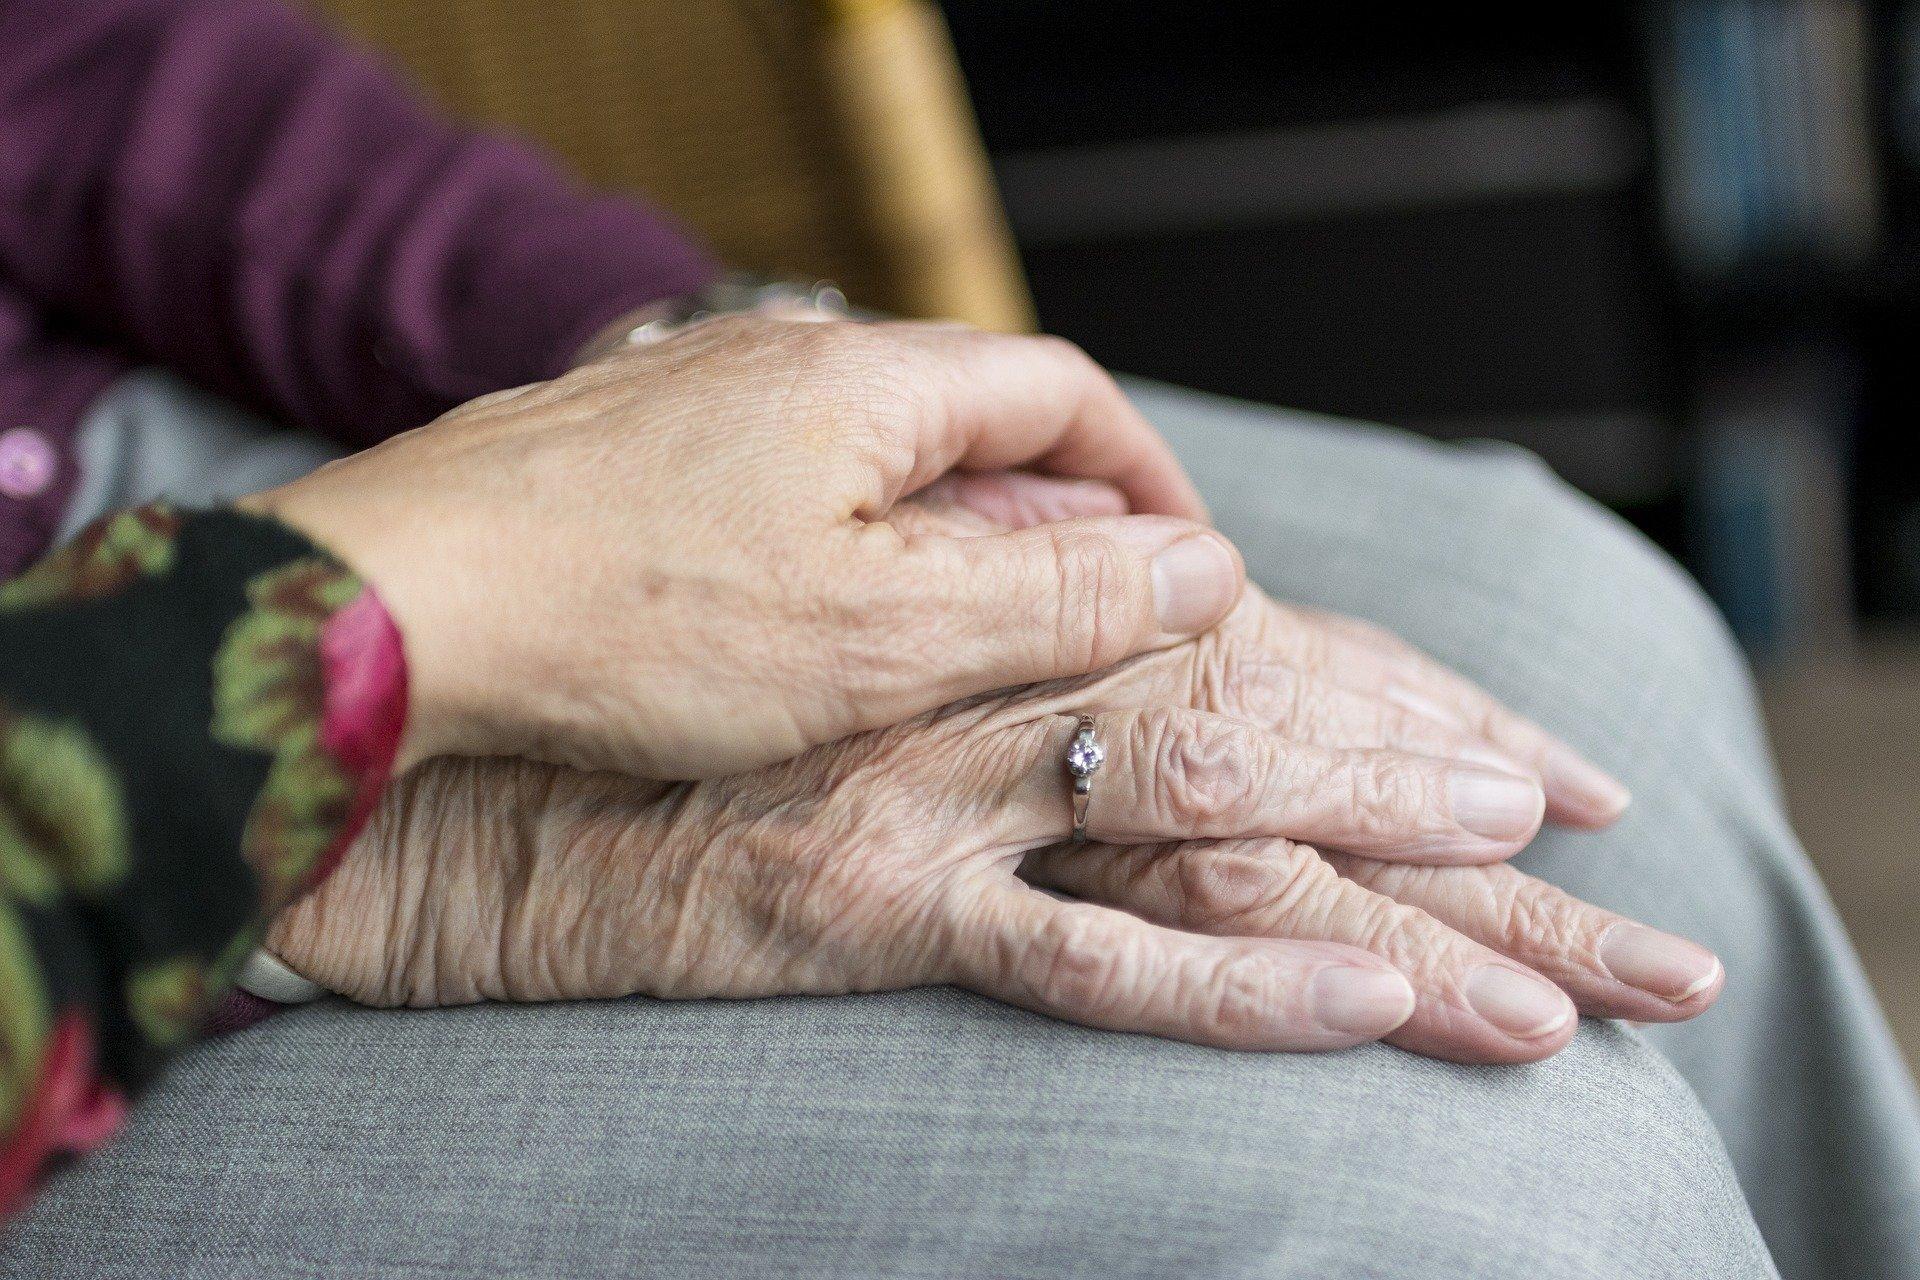 Wie wir Alter, Frauen sind immer hinfälliger, aber belastbarer als Männer